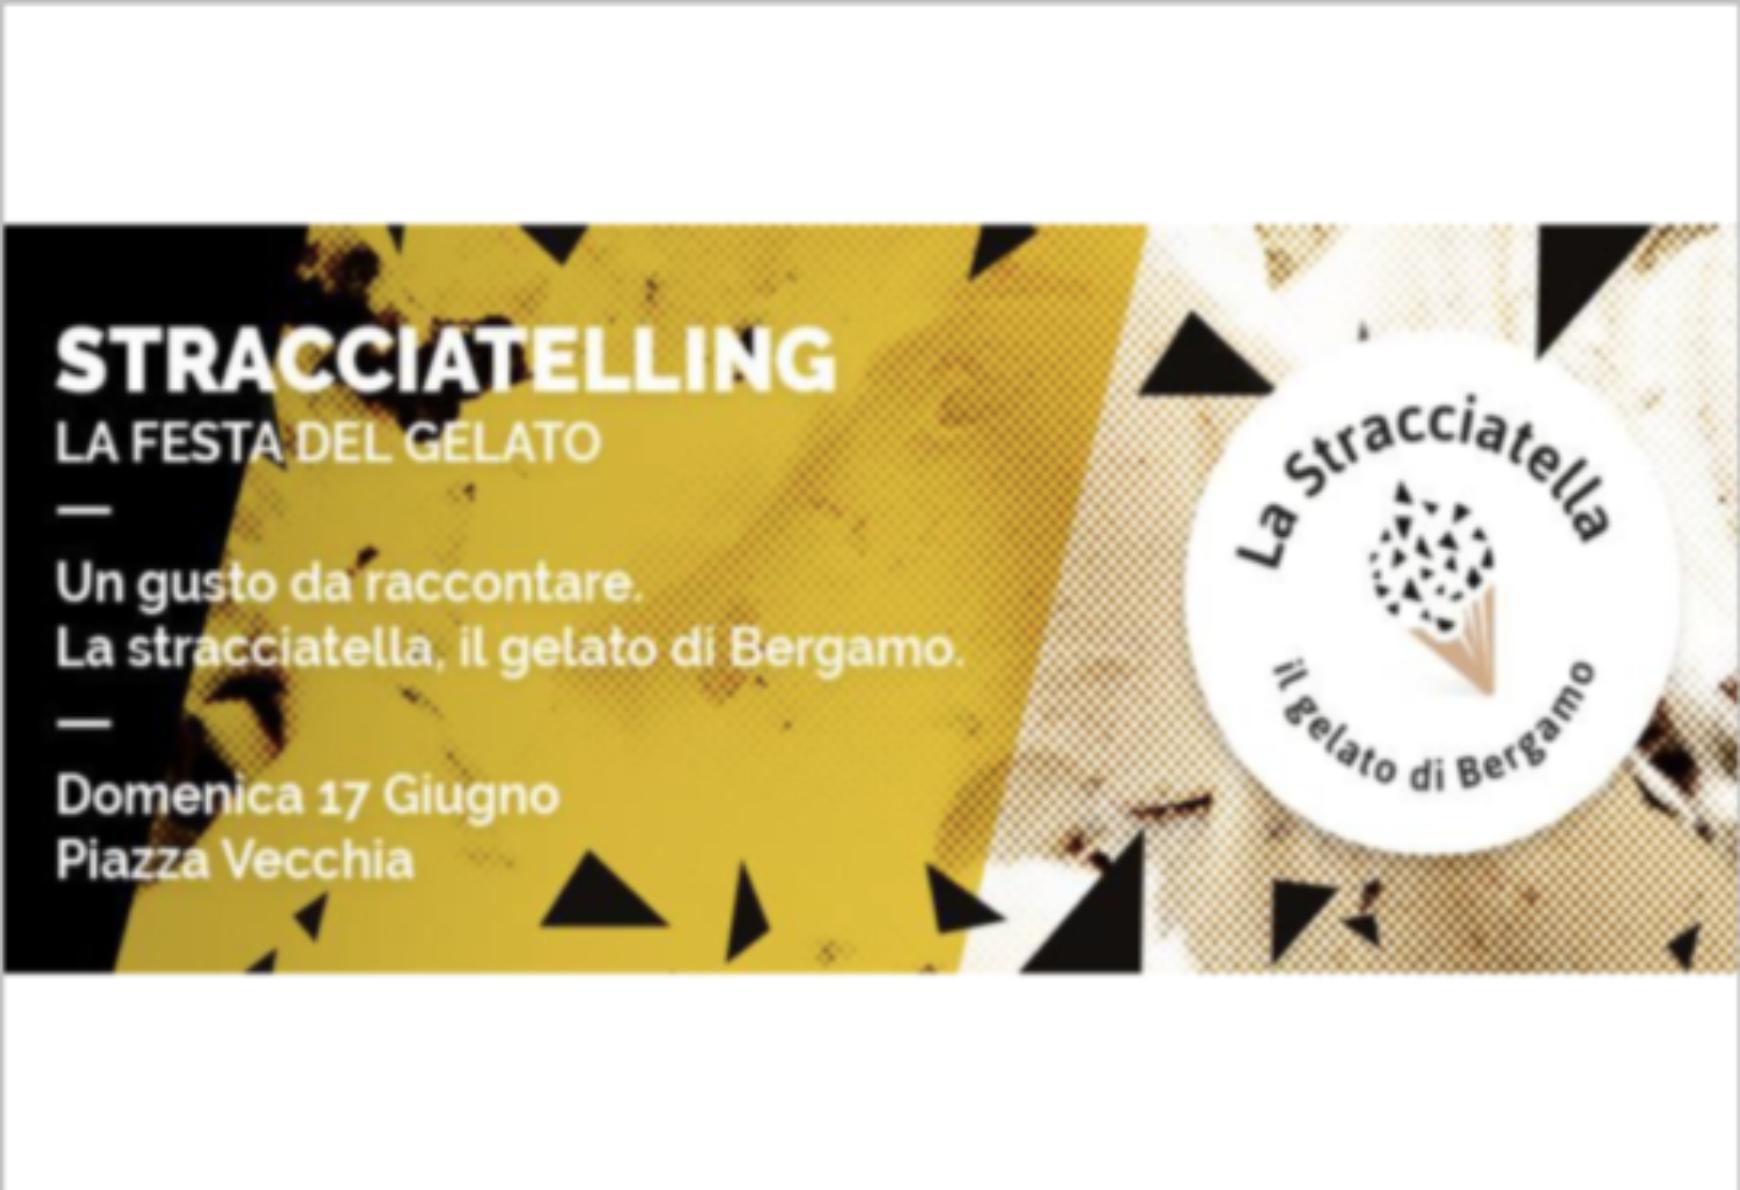 Stracciatella, a delicious theatrical twist